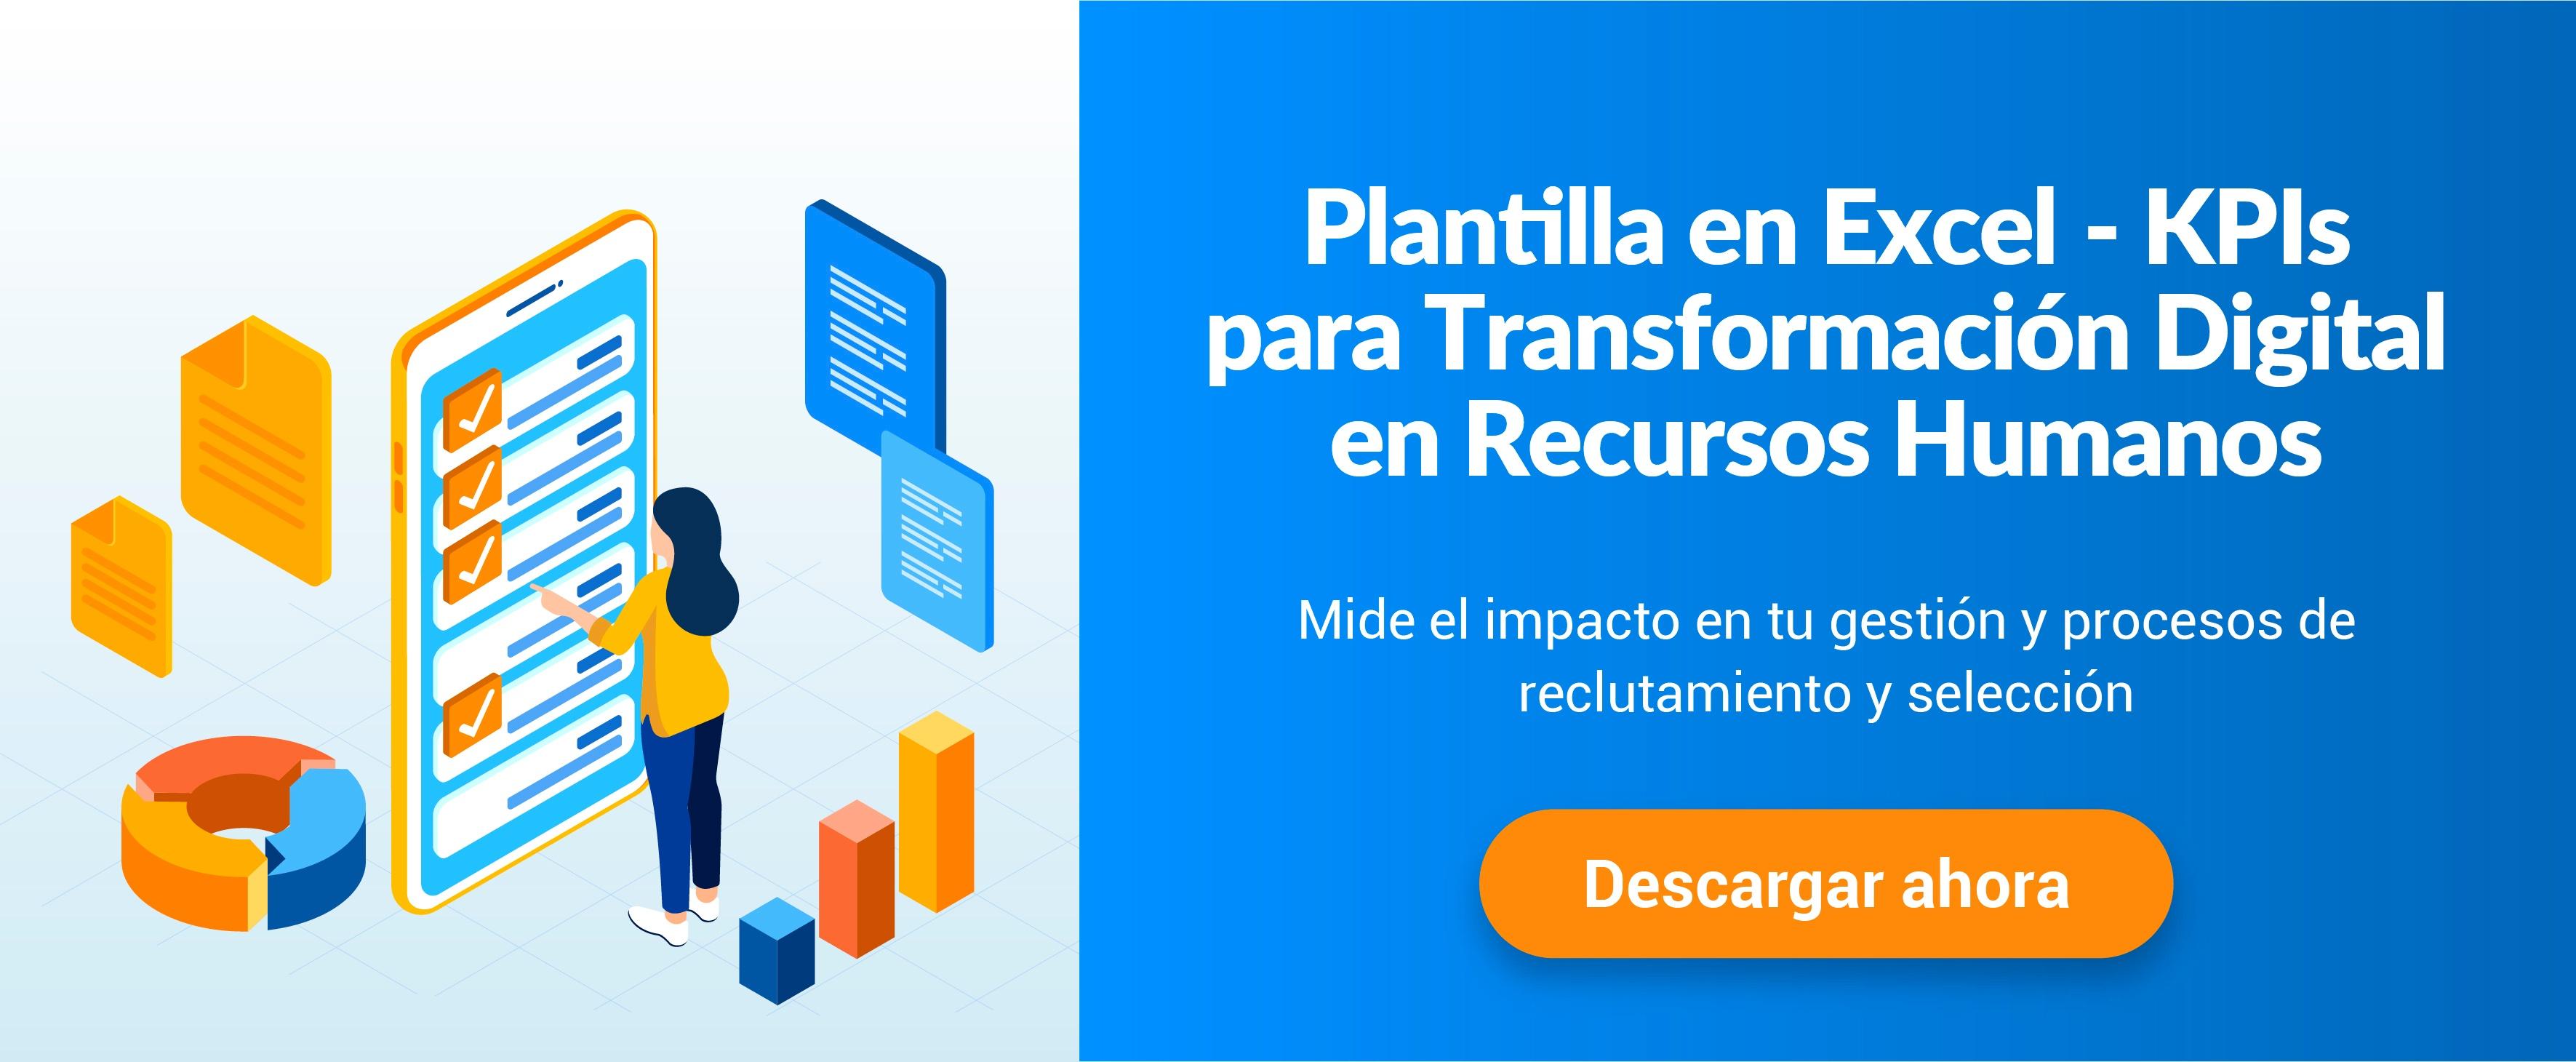 CTA final Plantilla KPIs Transformación Digital en Recursos Humanos